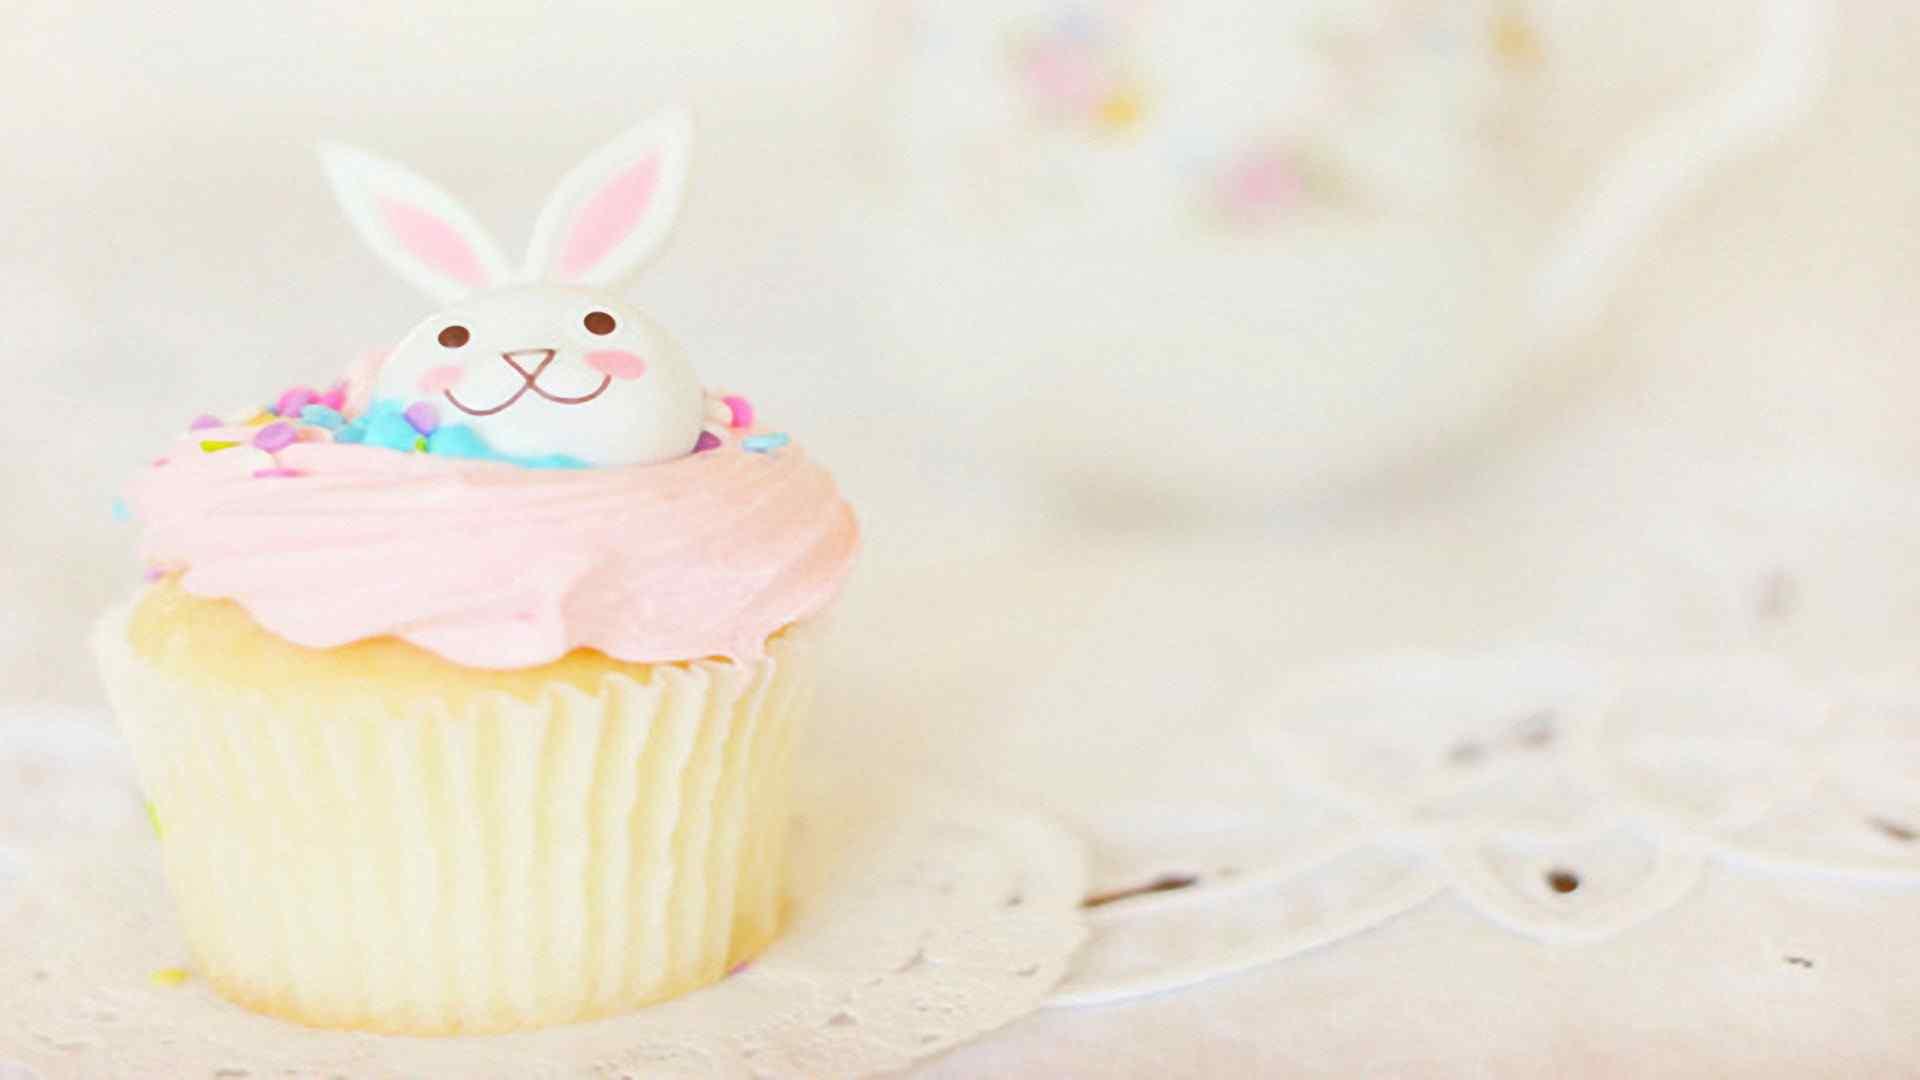 可爱小兔子奶油蛋糕高清桌面壁纸